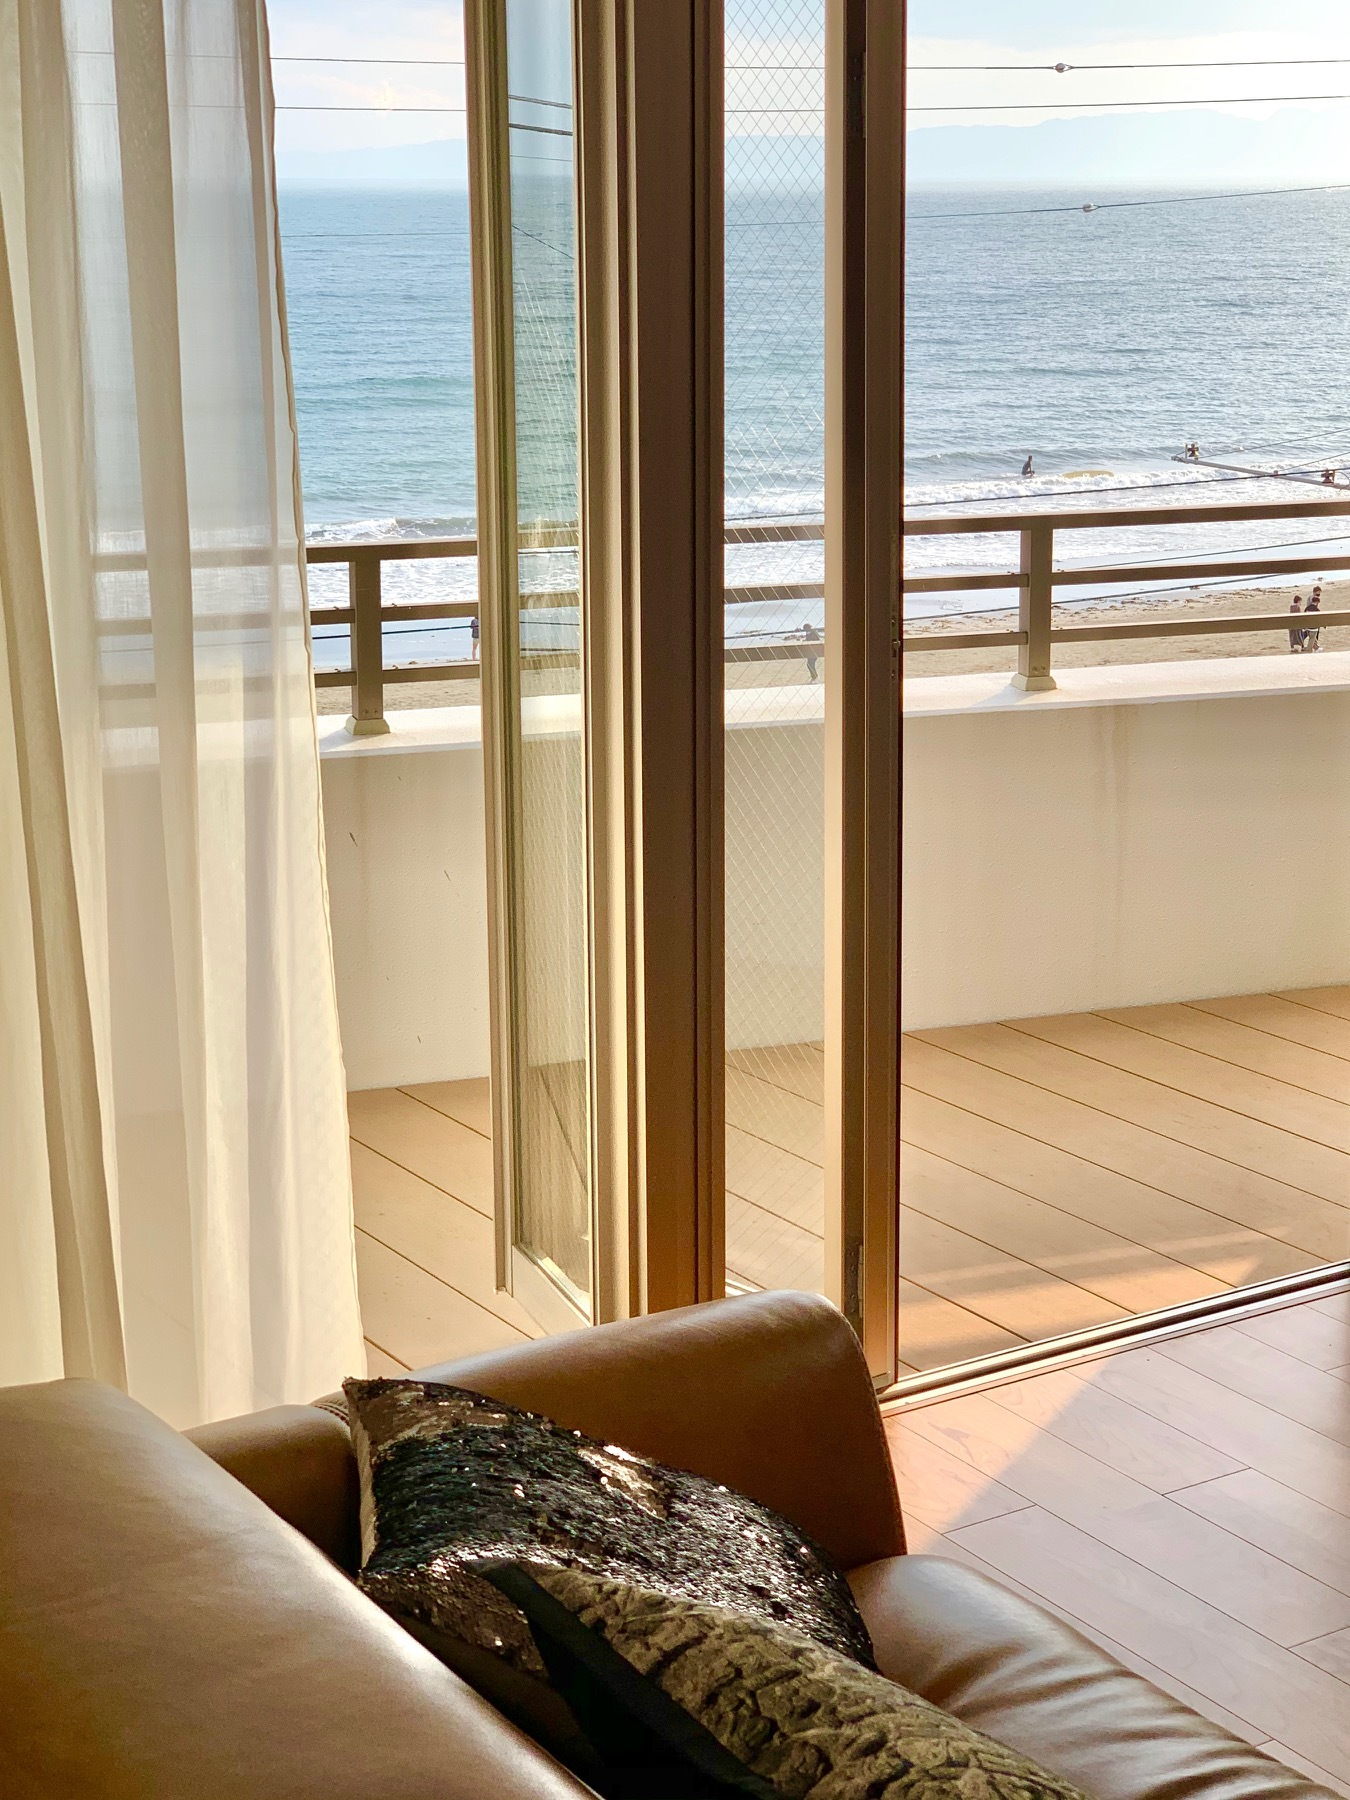 海辺の暮らし 二拠点暮らし 海の見える生活 デュアルライフ